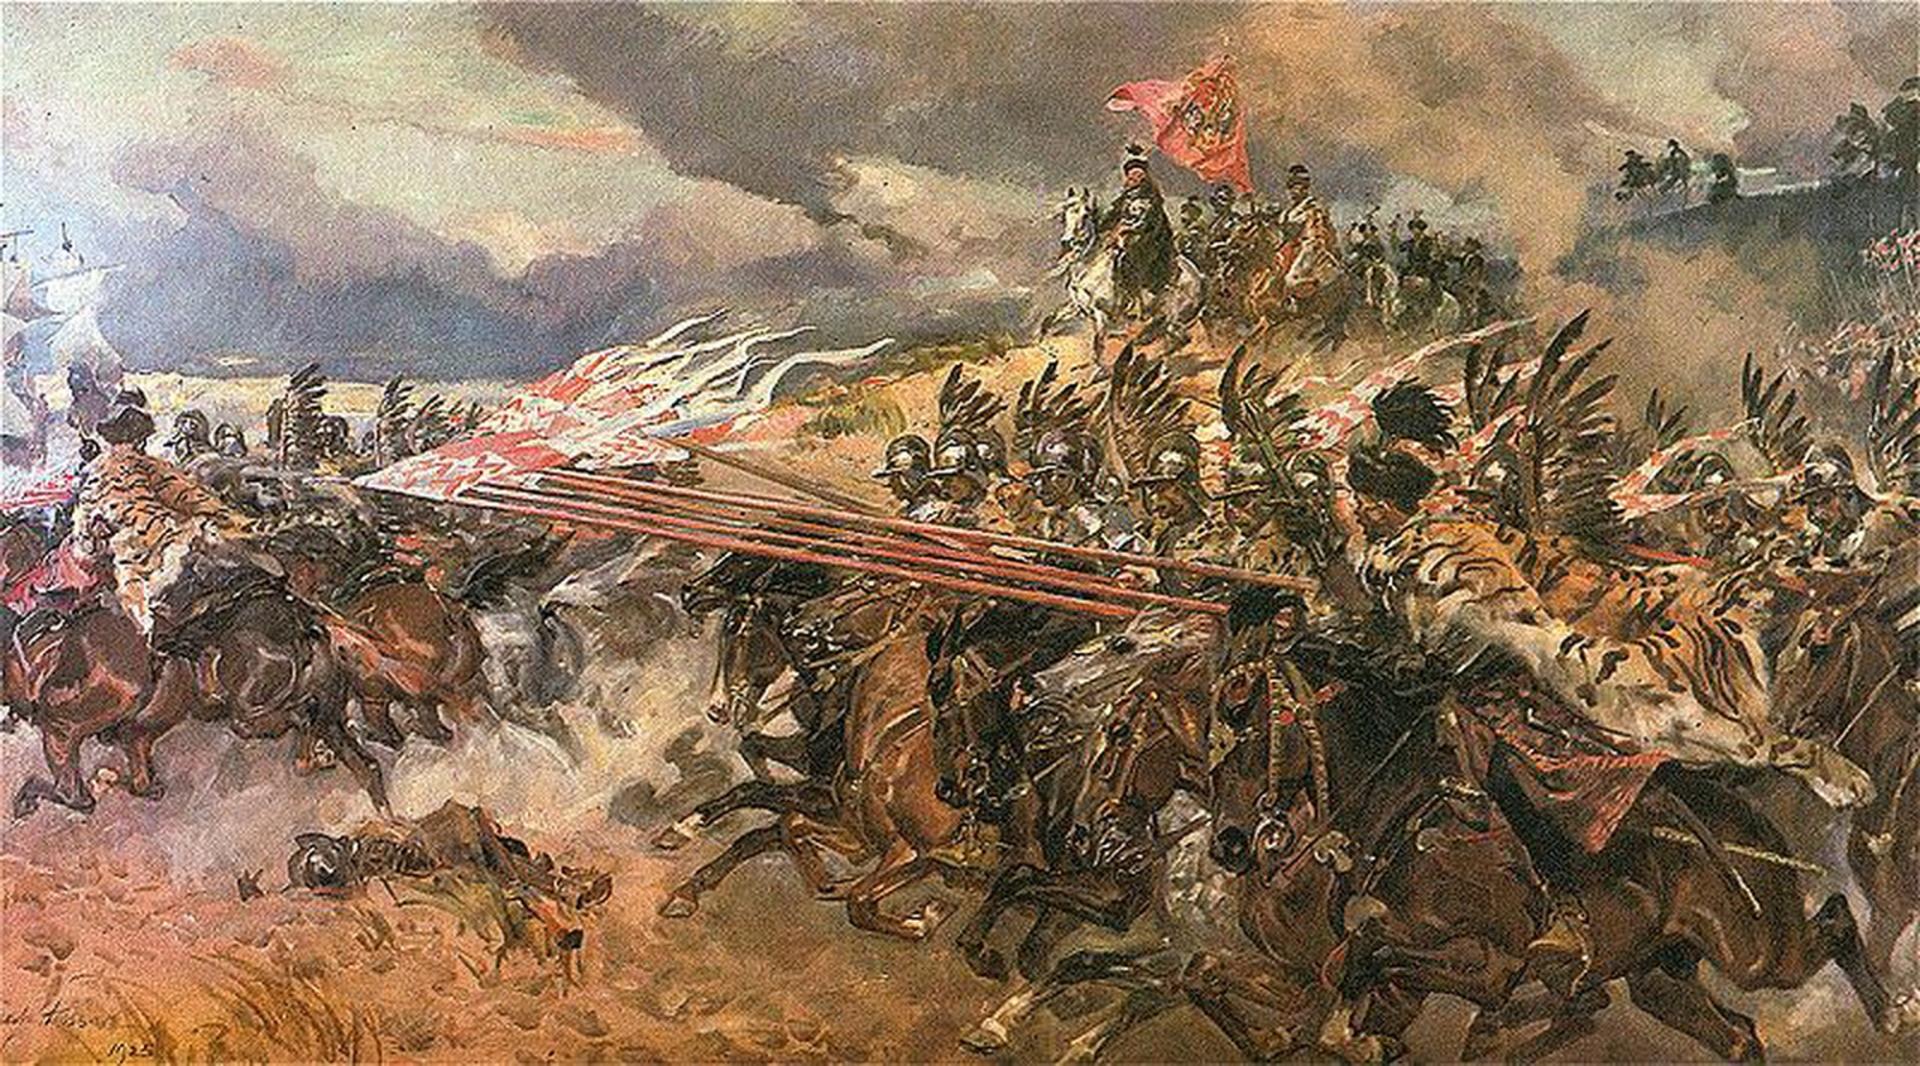 На картине изображен Ян Кароль Ходкевич с монолитно красным флагом Речи Посполитой. Картина посвящена битве под Кирхгольмом в 1605 году